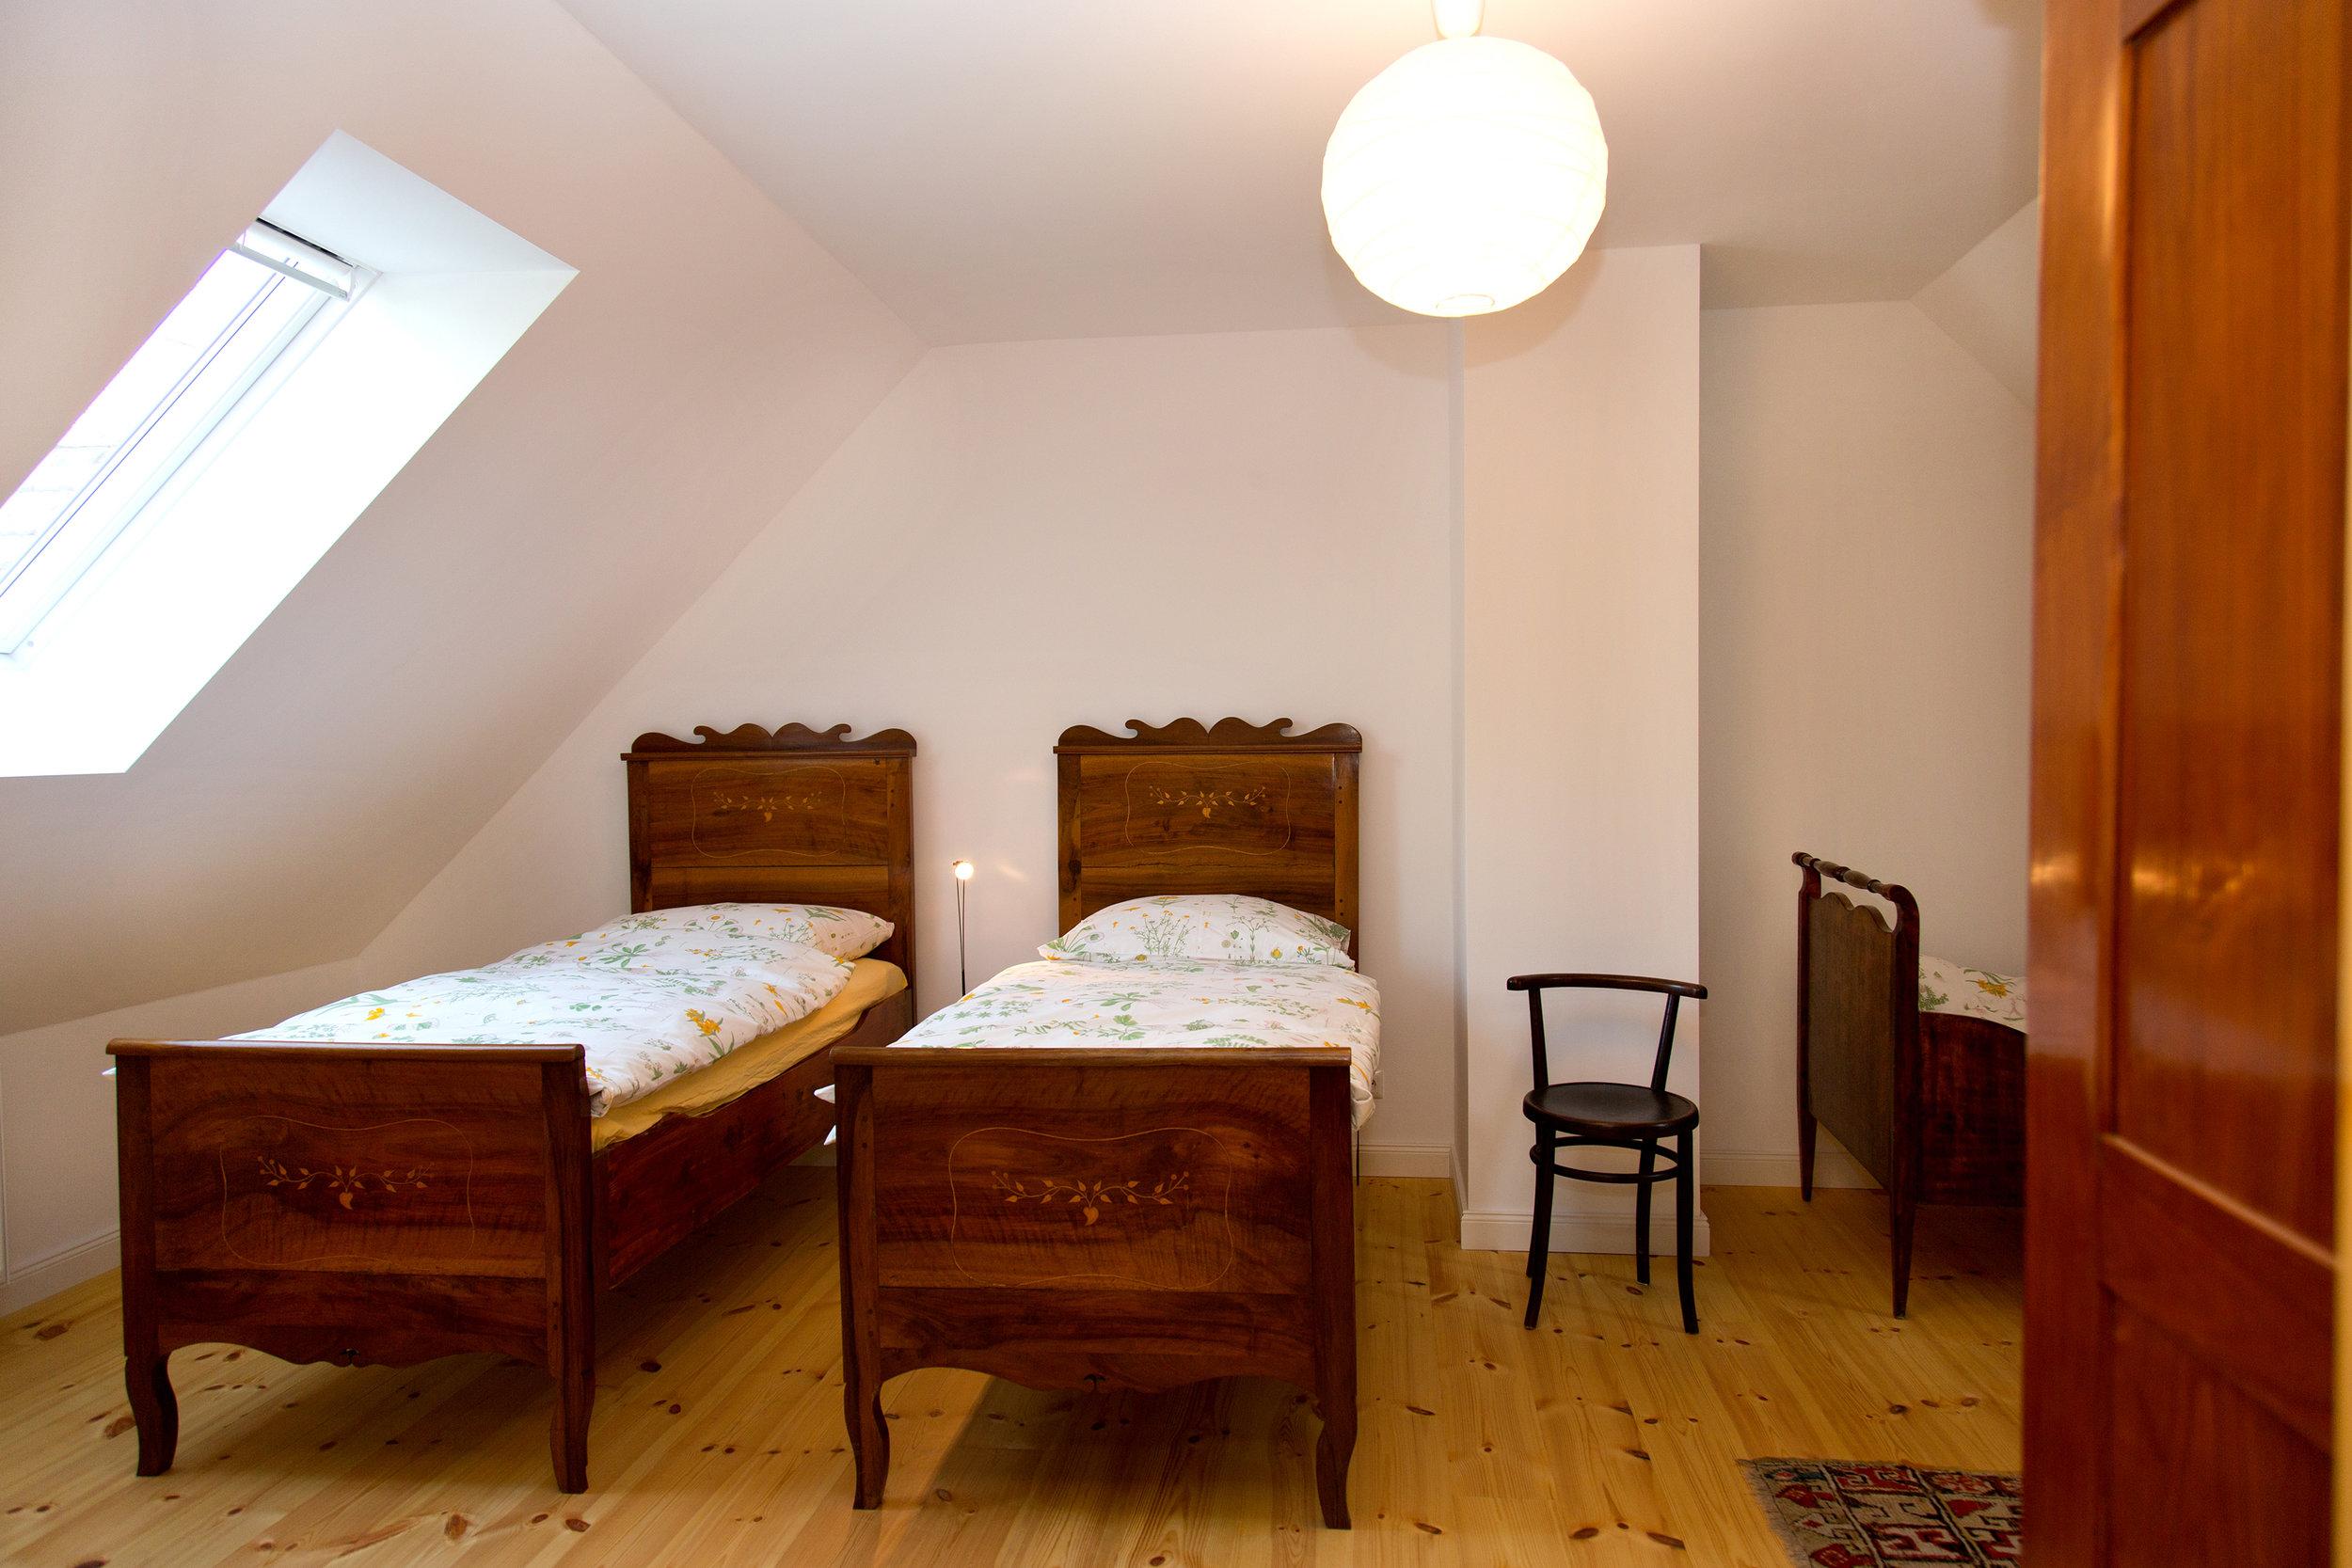 Kinderschlafzi: Betten 2 Mal 100 x 200 und 80 x 180